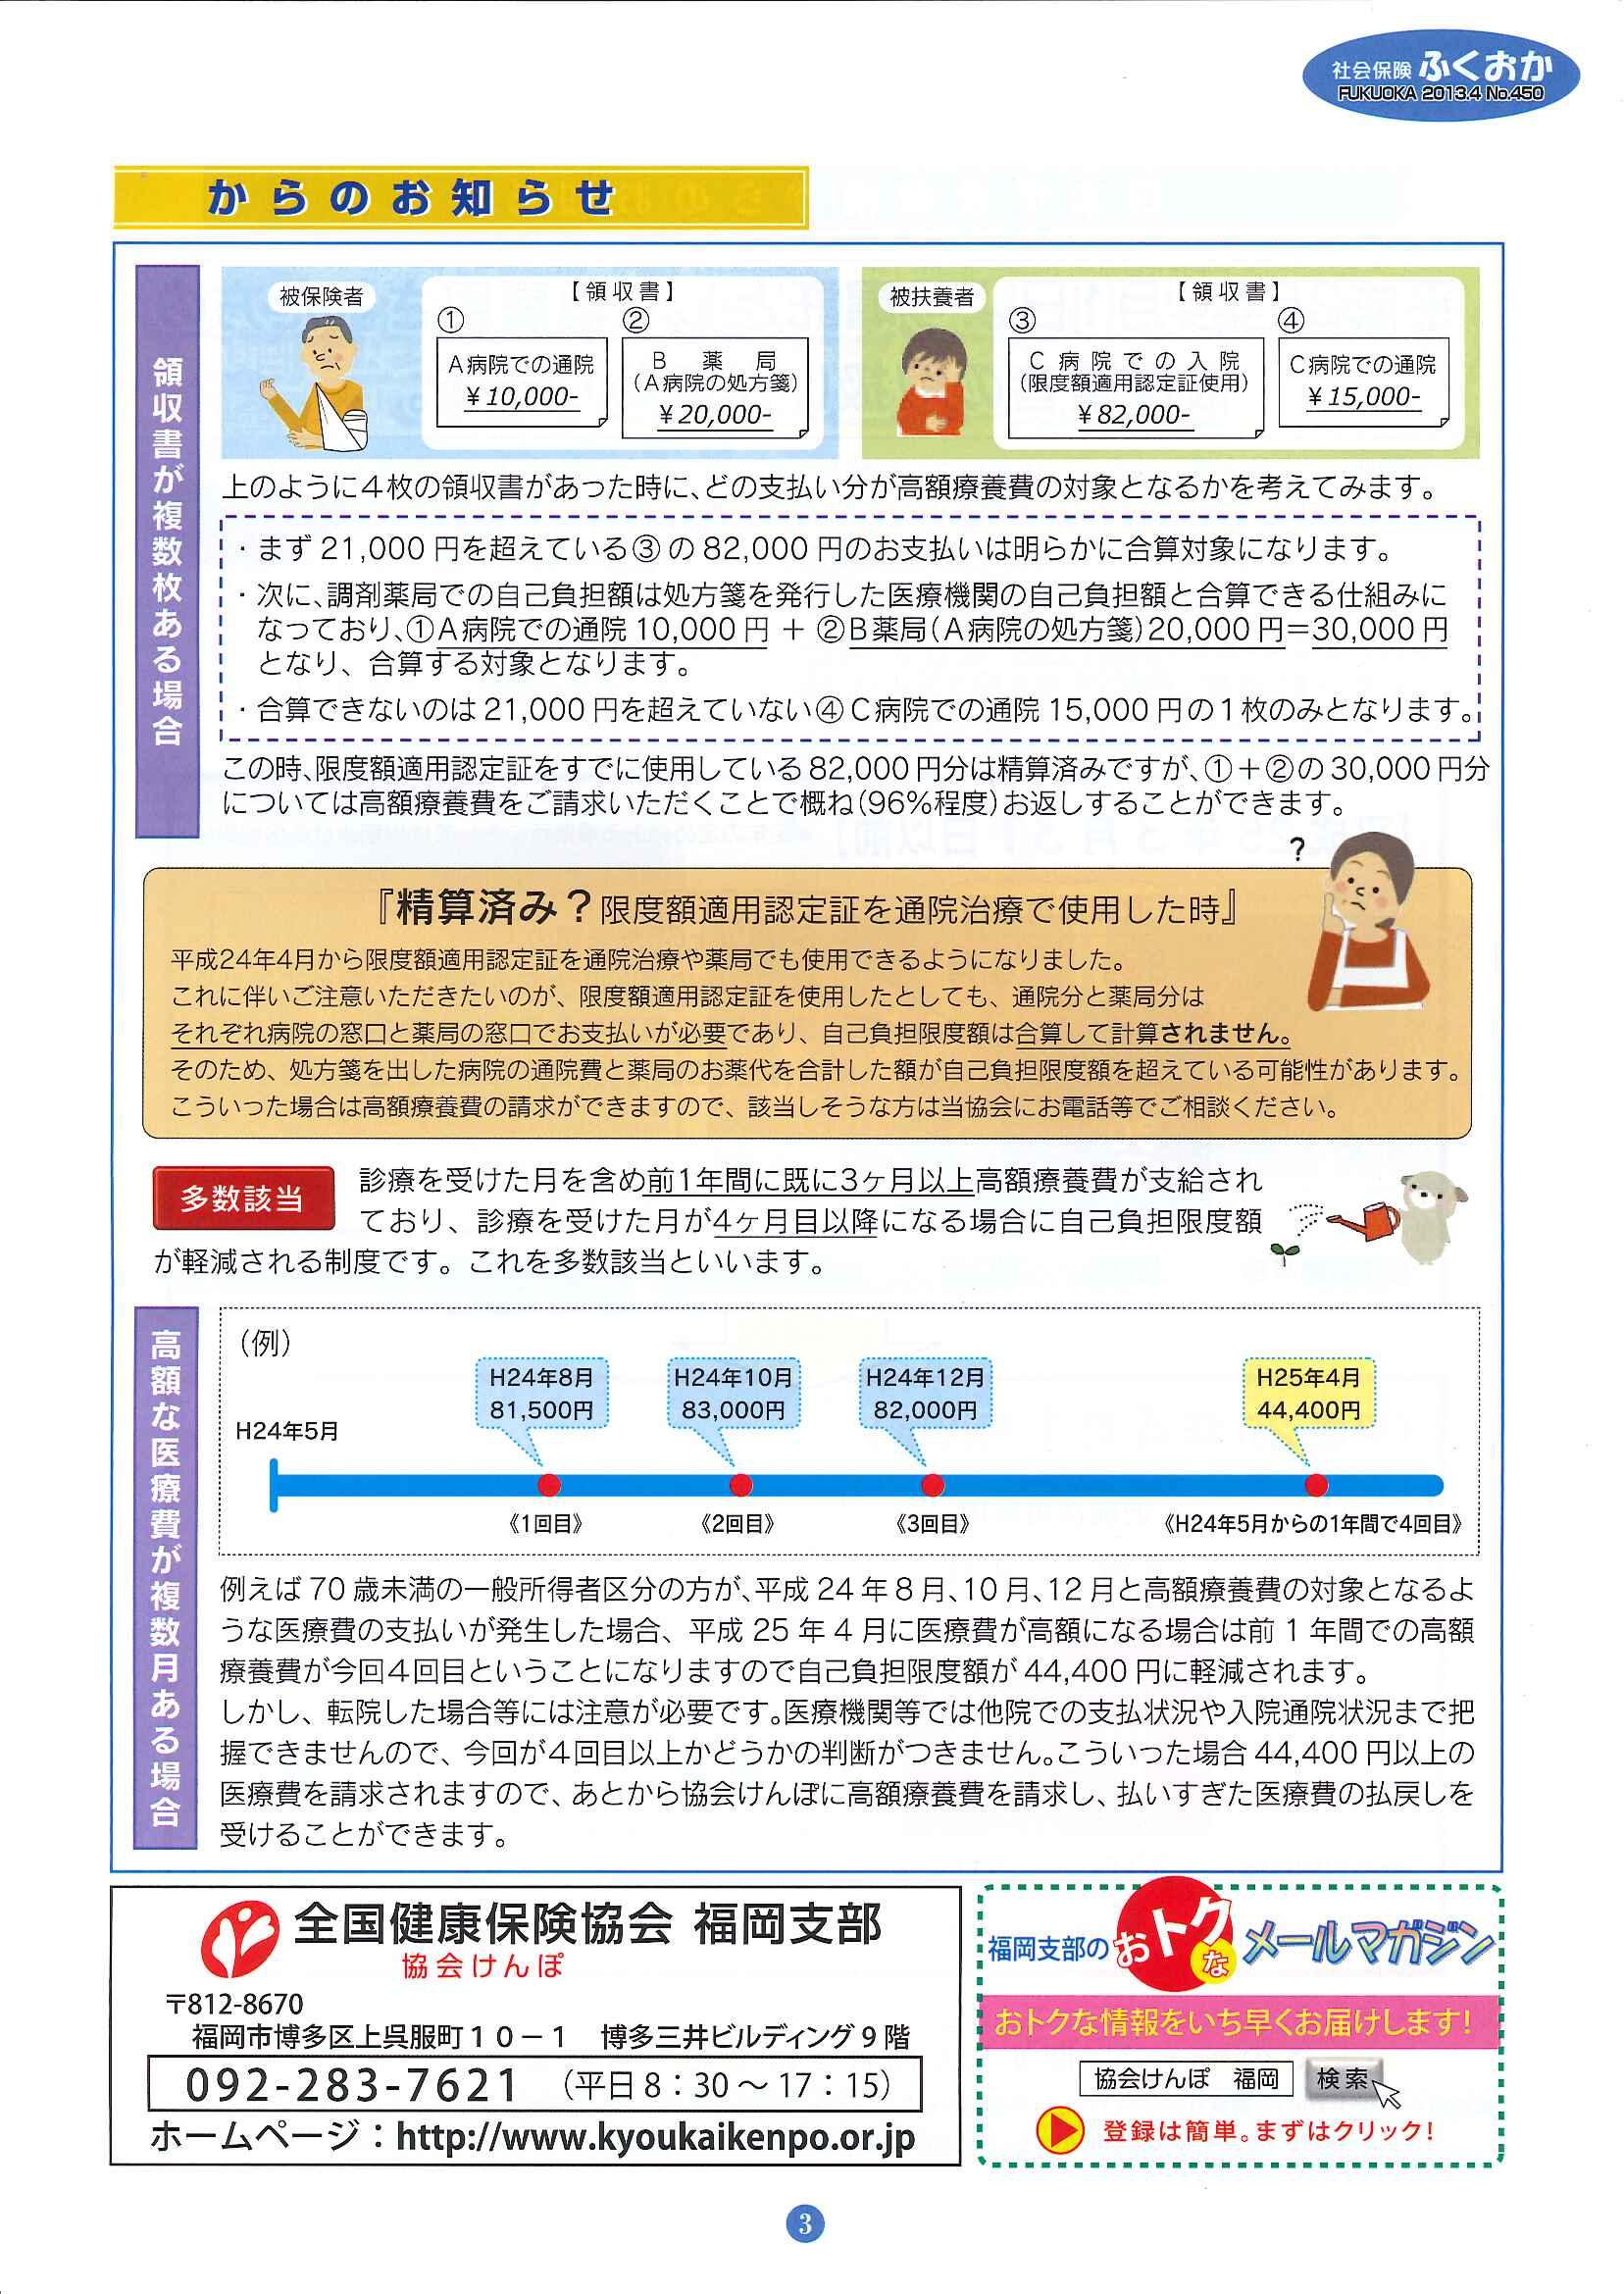 社会保険 「ふくおか」 2013年4月号_f0120774_15294361.jpg